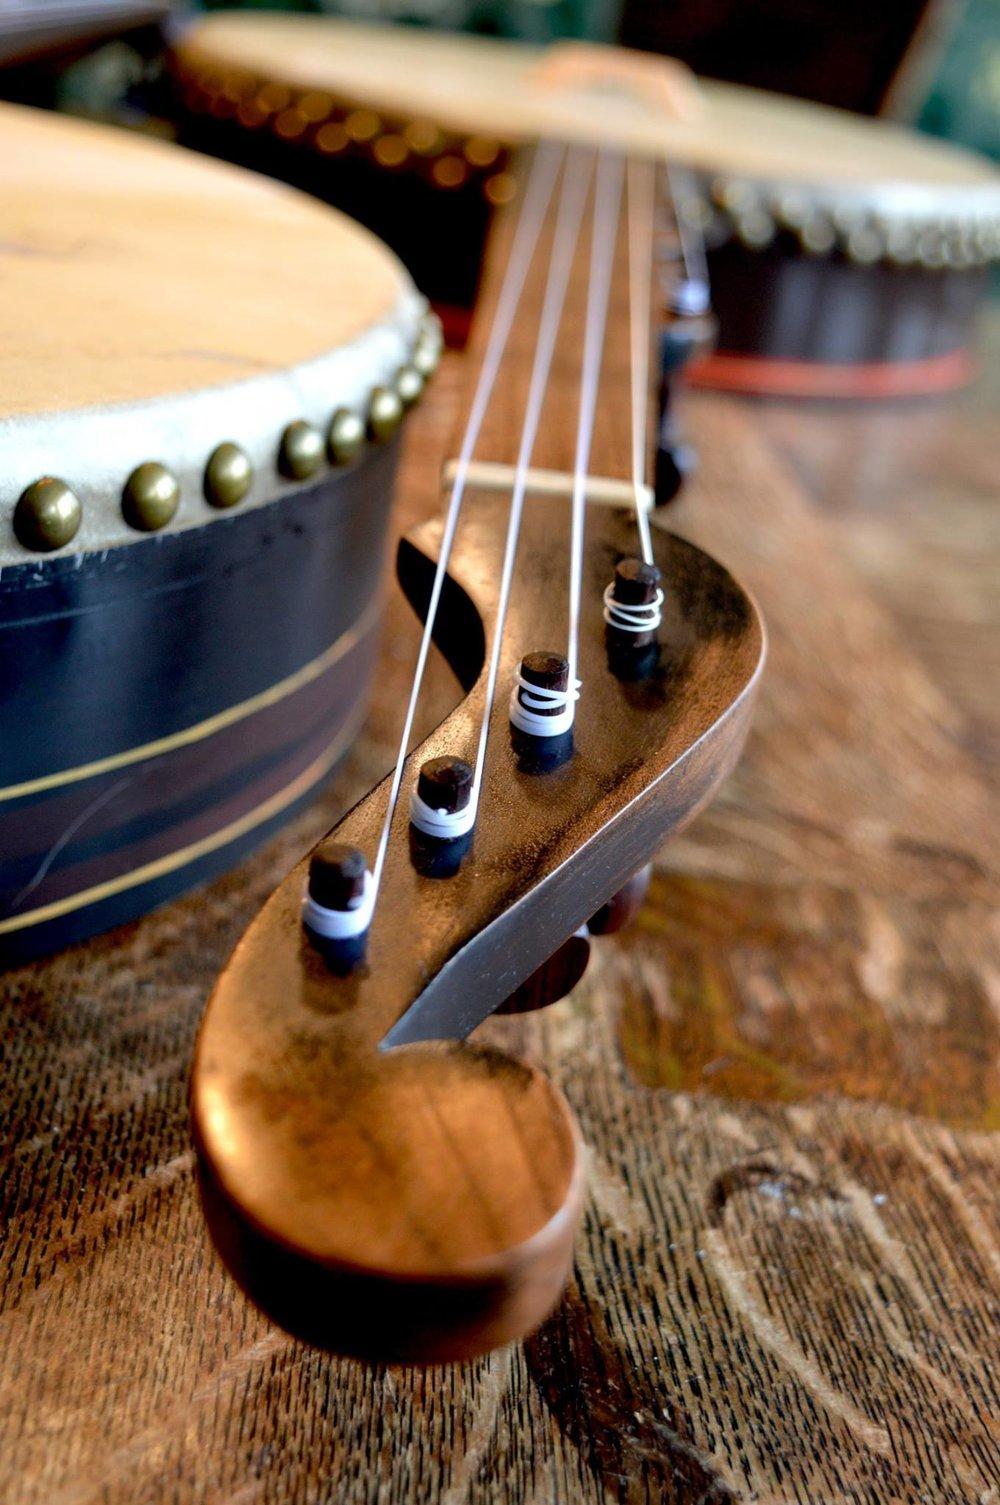 Tackhead banjo.